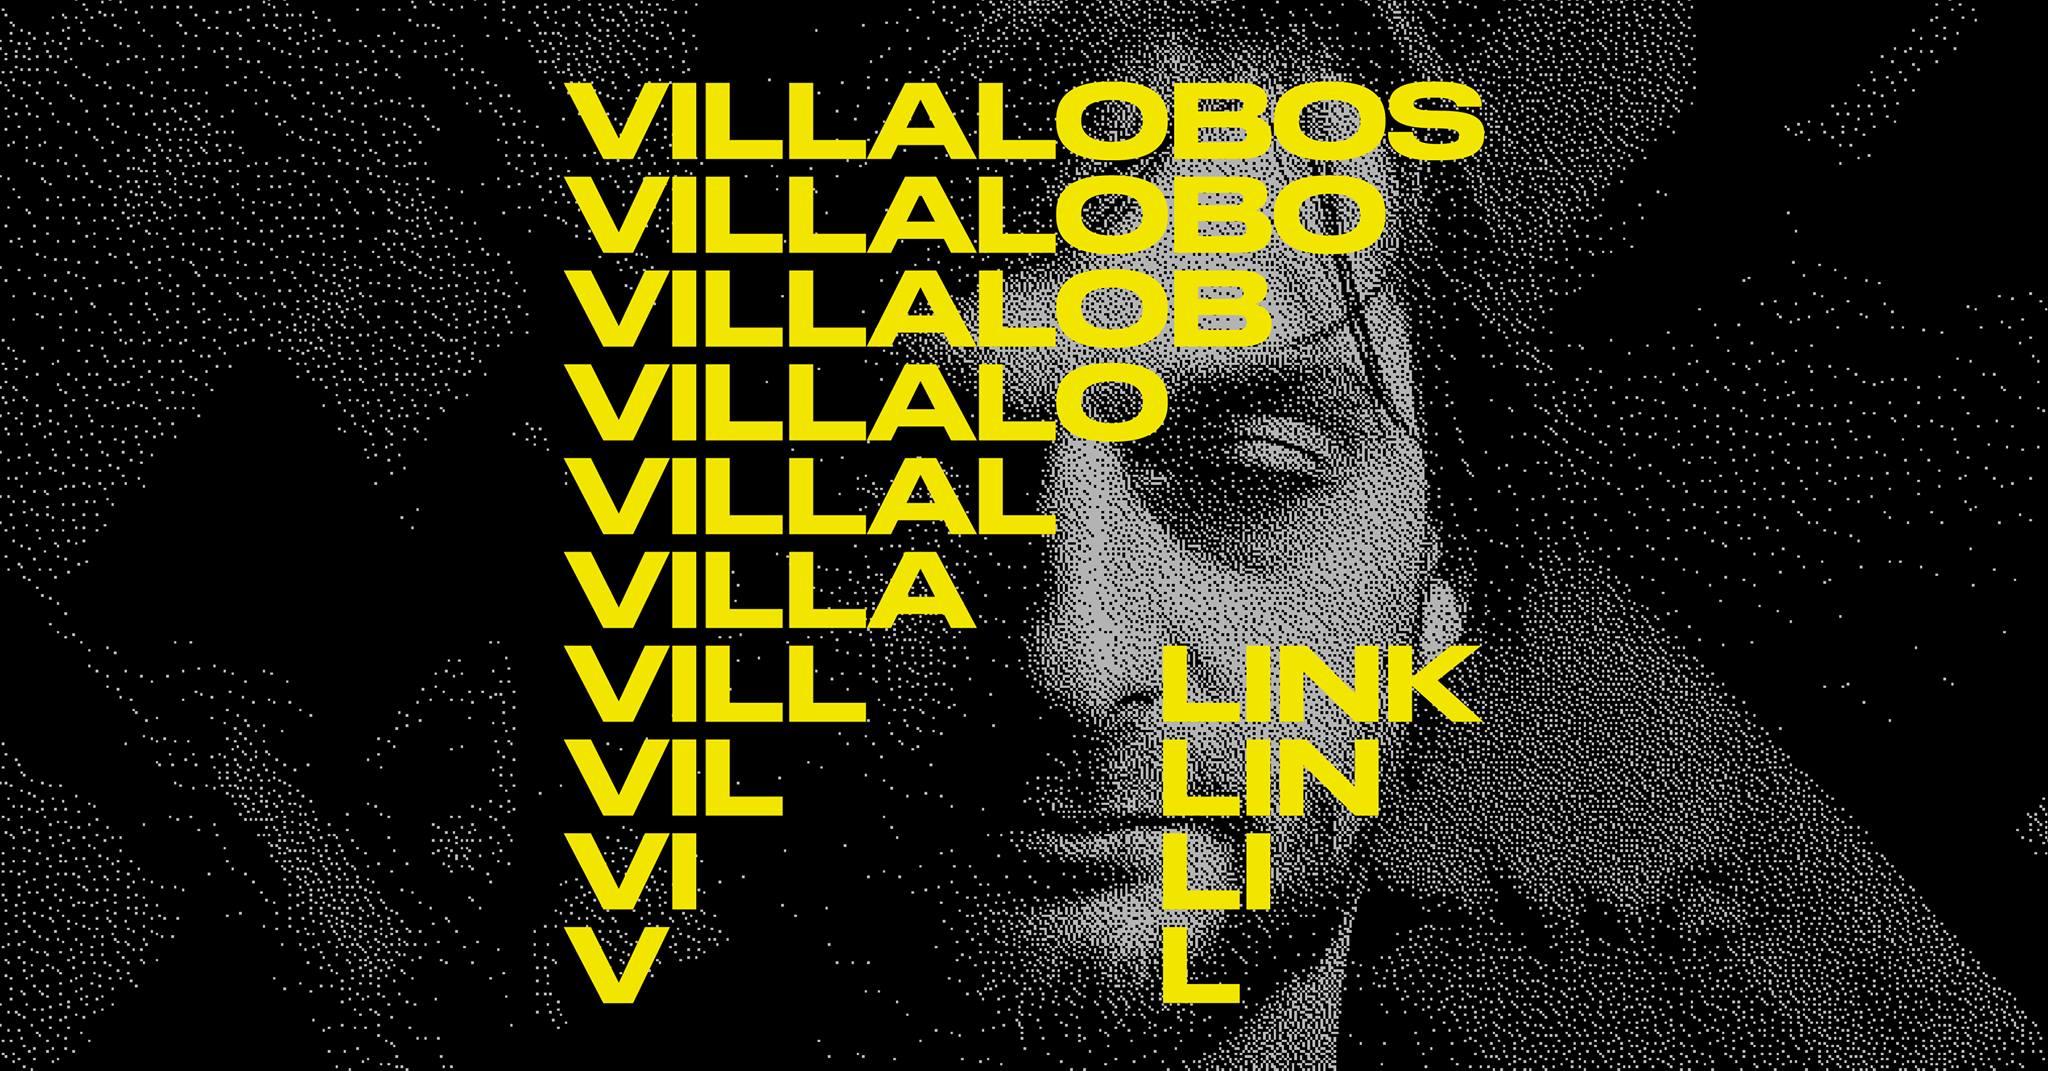 Ricardo Villalobos @Link Bologna – Venerdì 10 Maggio 2019 – Ticket e Pacchetti Hotel